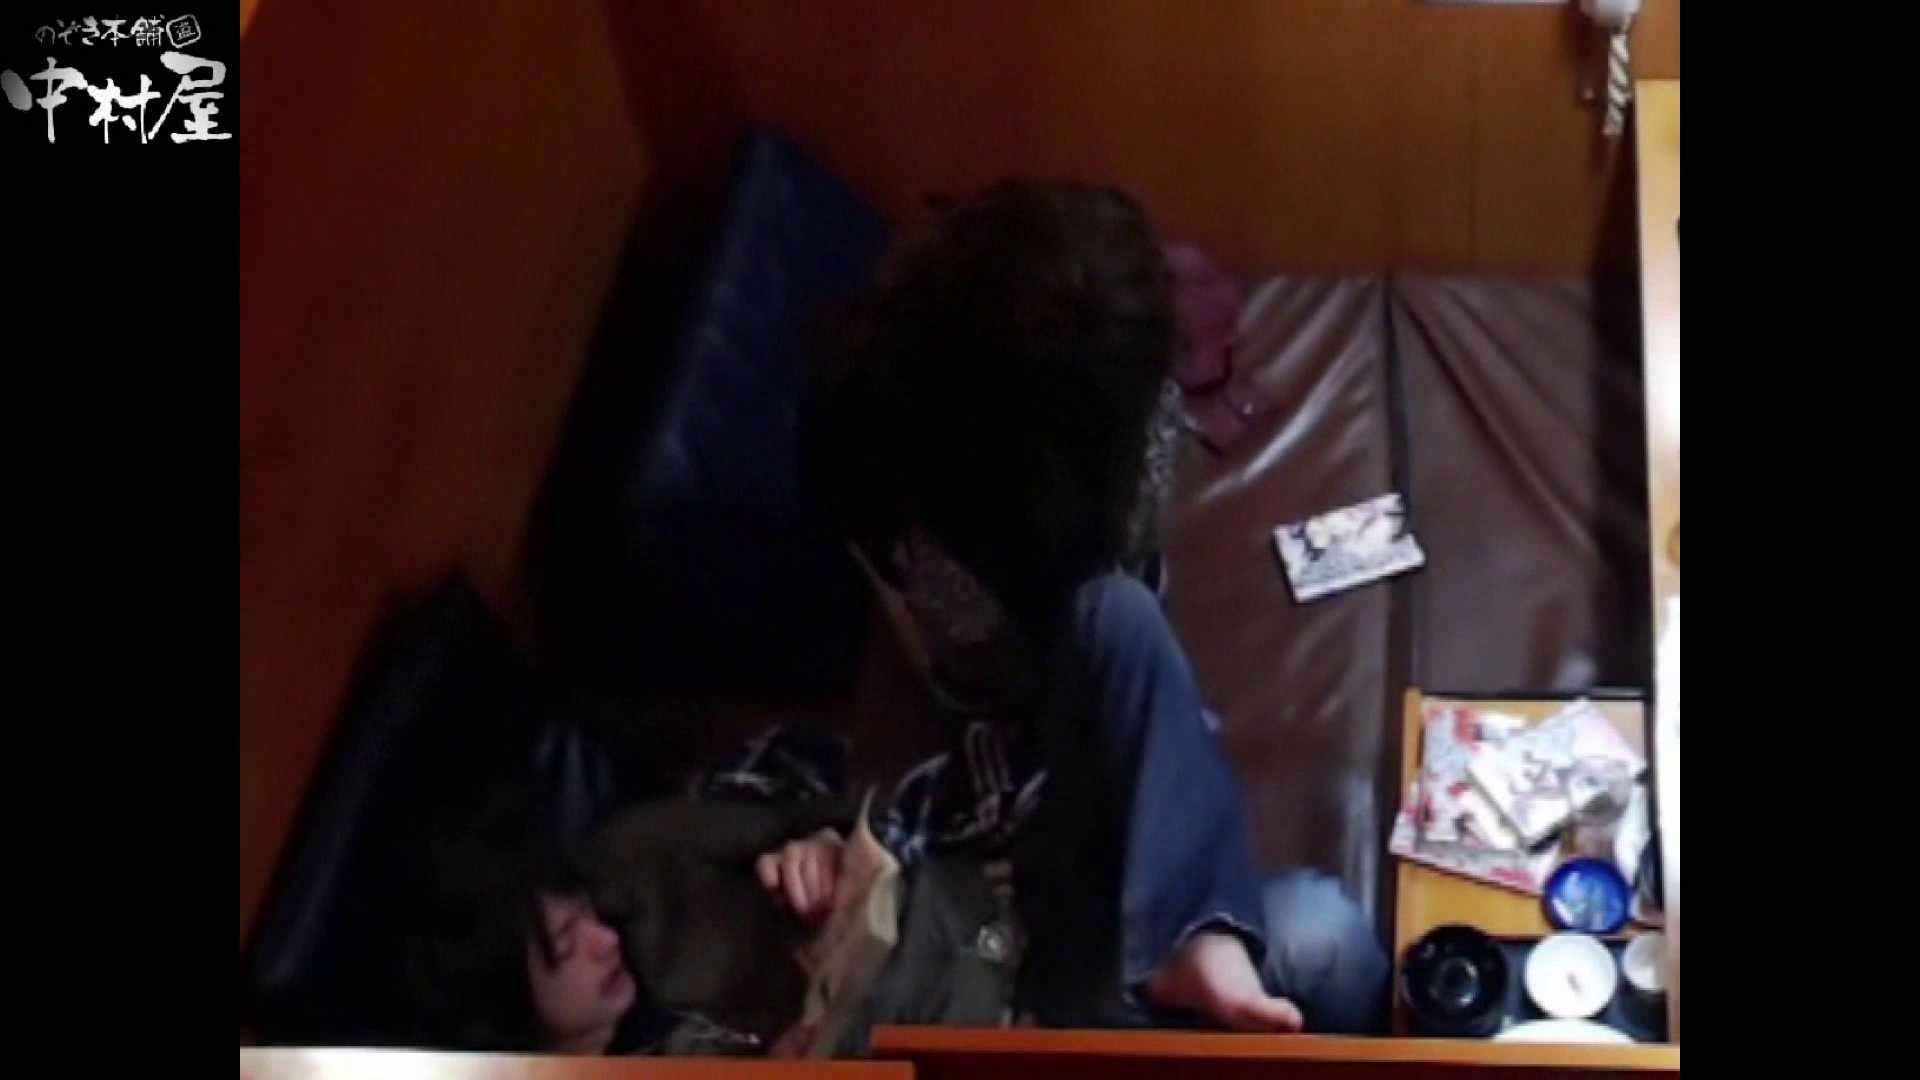 ネットカフェ盗撮師トロントさんの 素人カップル盗撮記vol.4 素人 濡れ場動画紹介 87pic 16